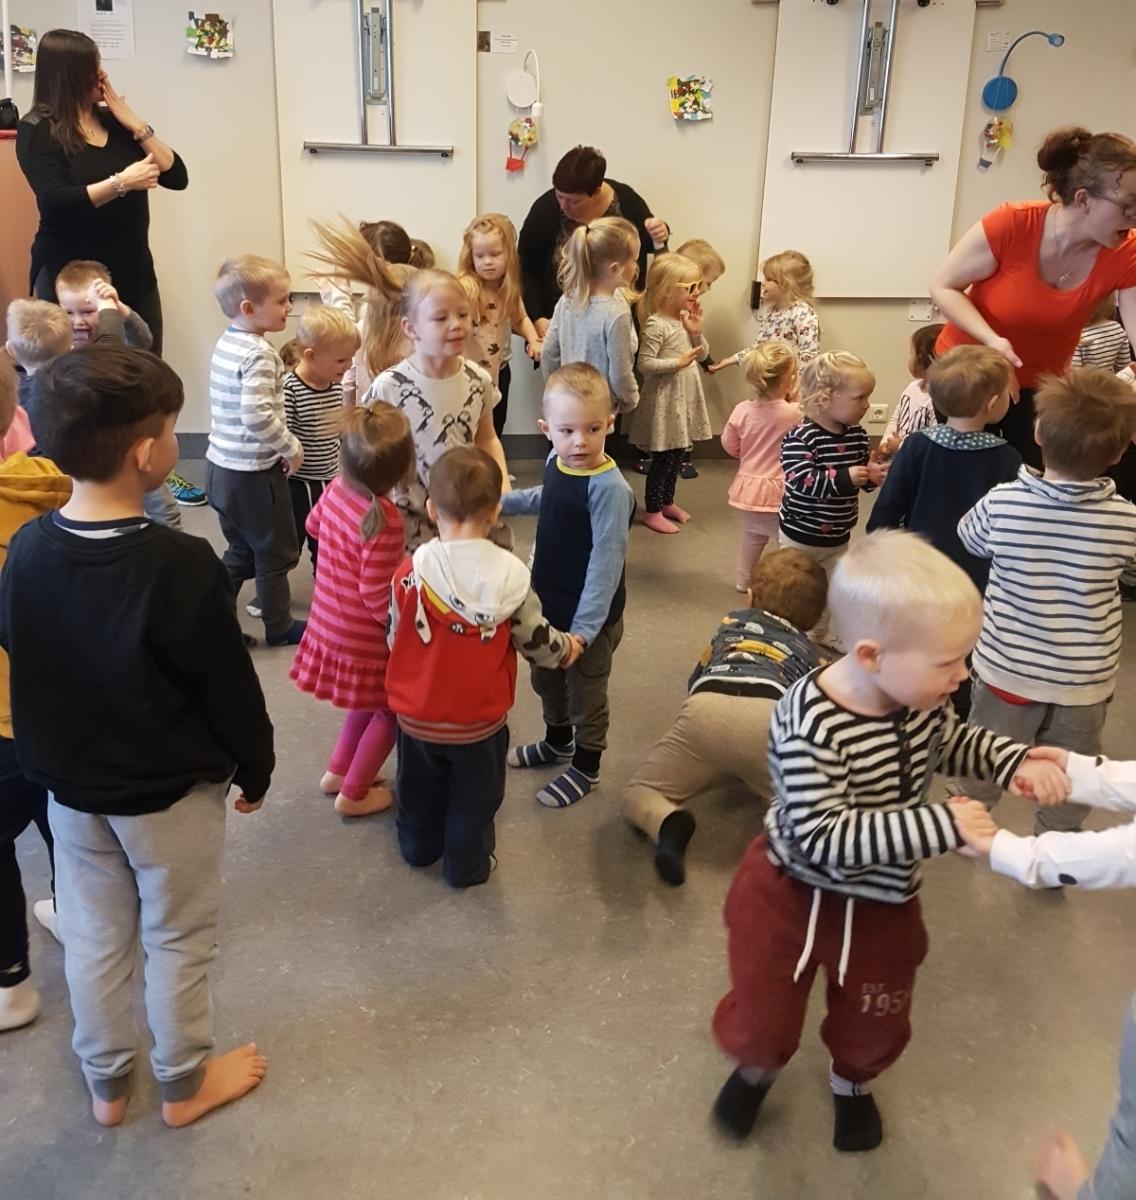 Mynd fyrir Miljarður rís - Dansað gegn kynbundnu ofbeldi